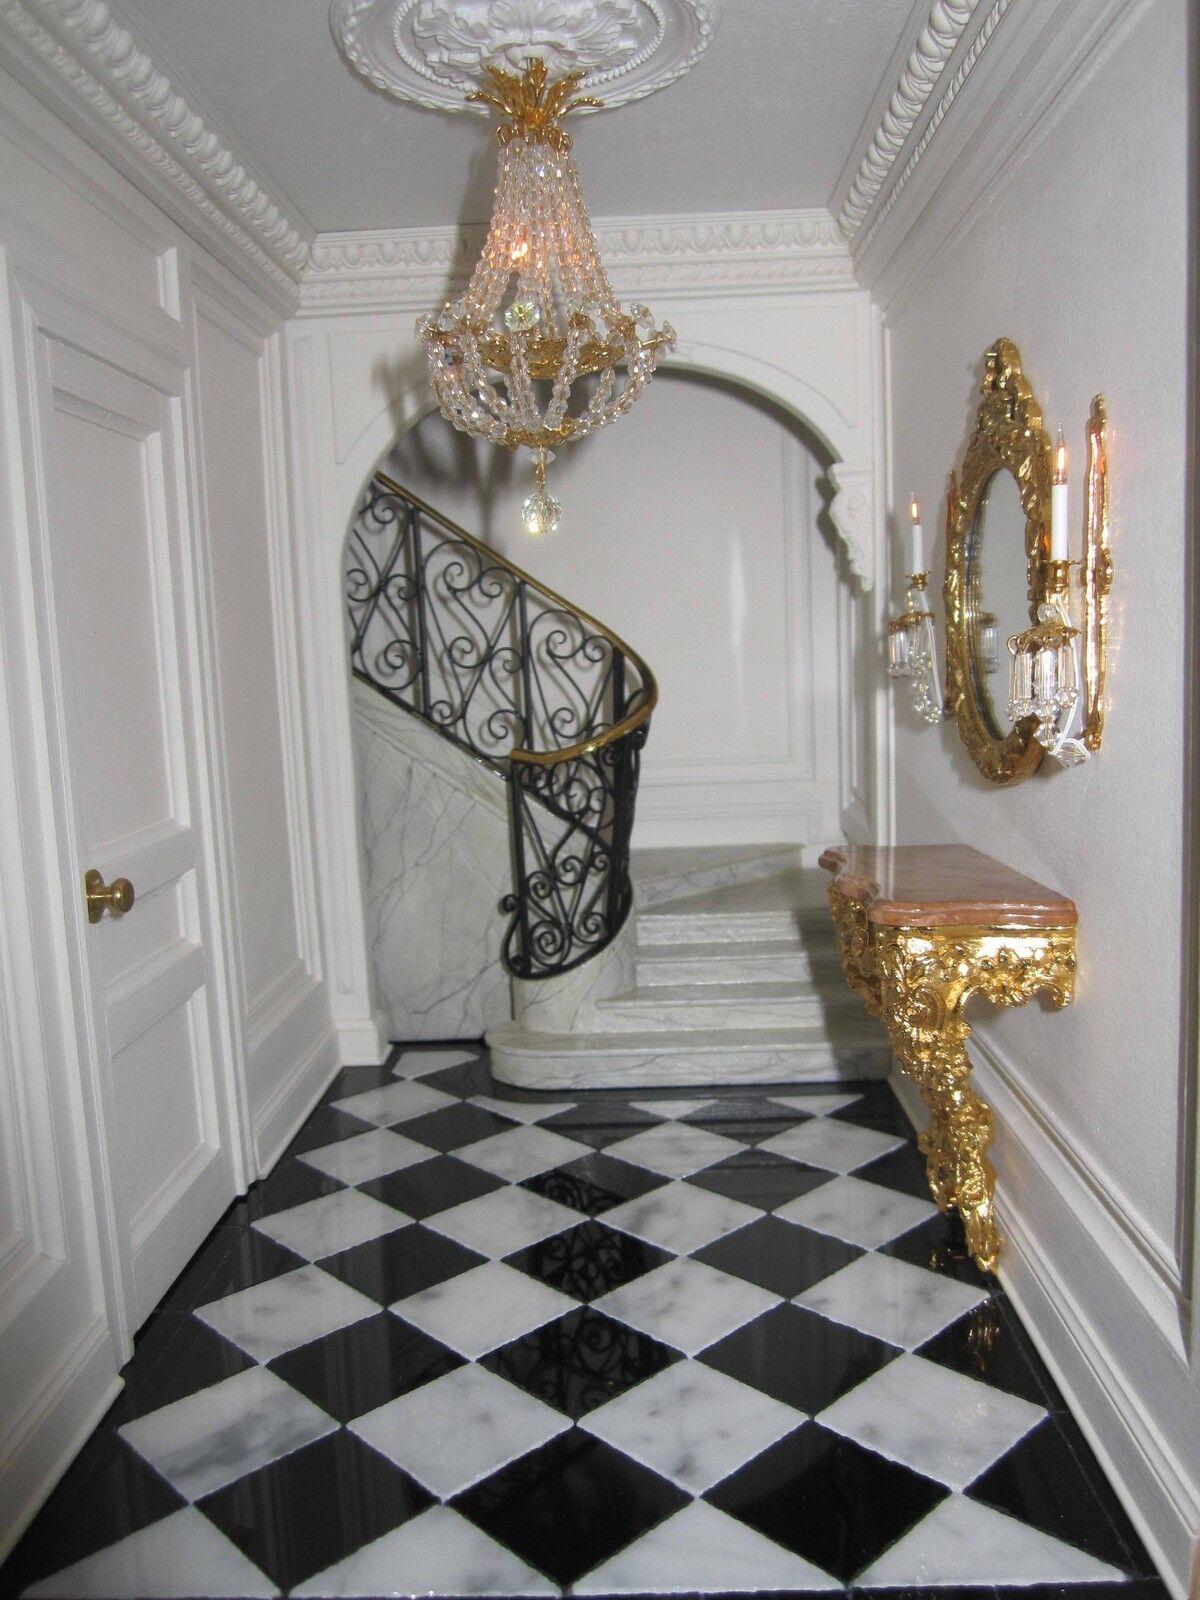 connotación de lujo discreta Real En En En Miniatura 25 blancoo y Negro Pulido mármol baldosas de Casa de Muñecas  Ahorre 35% - 70% de descuento